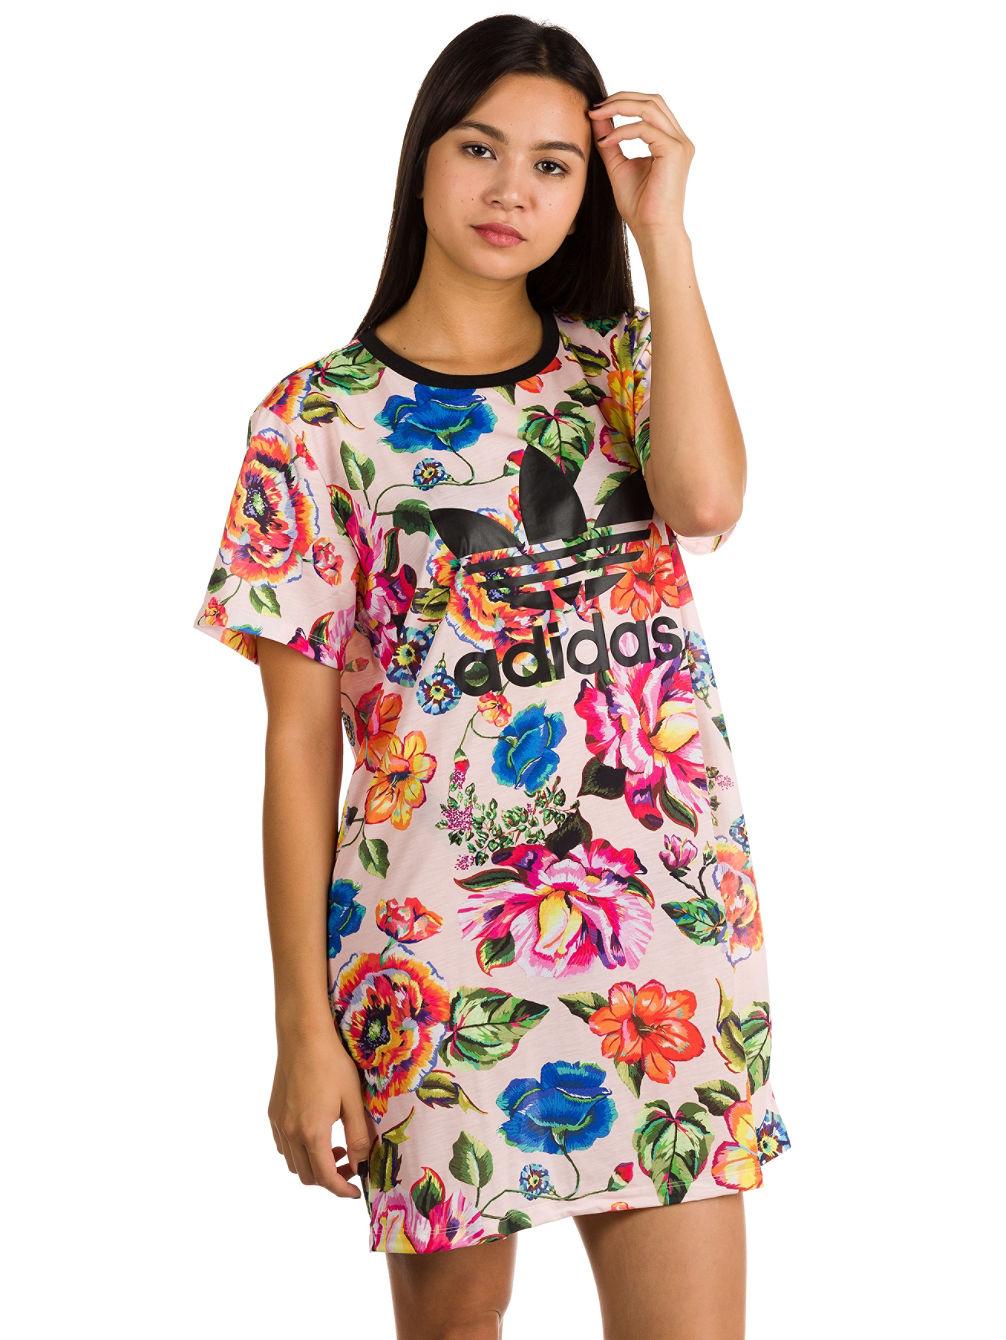 Womens Dress Shirts